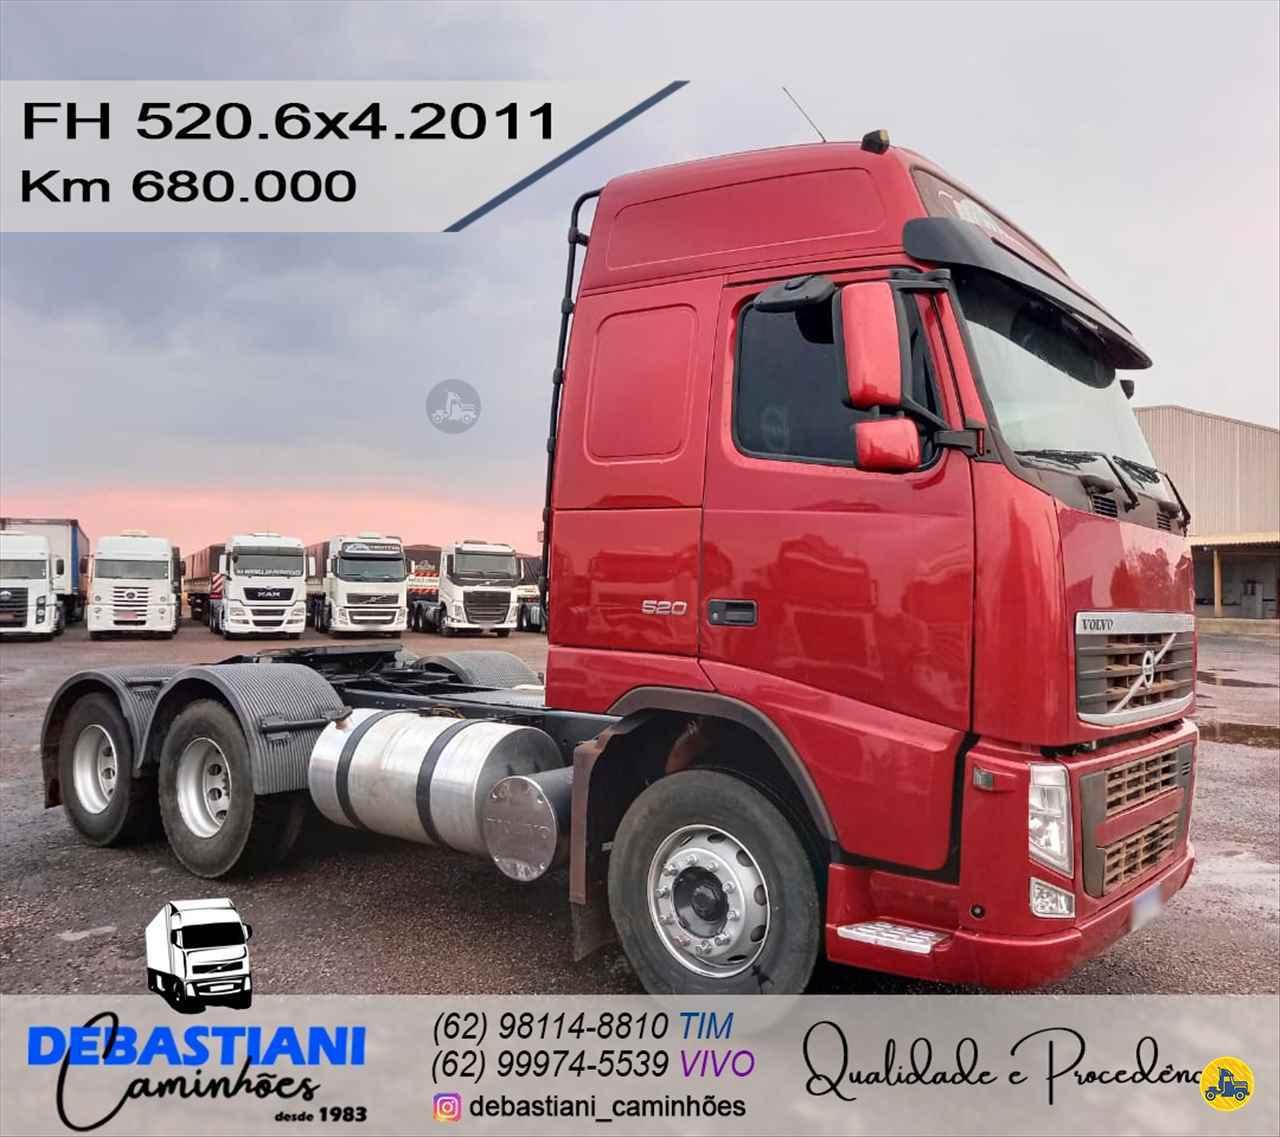 CAMINHAO VOLVO VOLVO FH 520 Cavalo Mecânico Traçado 6x4 Debastiani Caminhões ANAPOLIS GOIAS GO